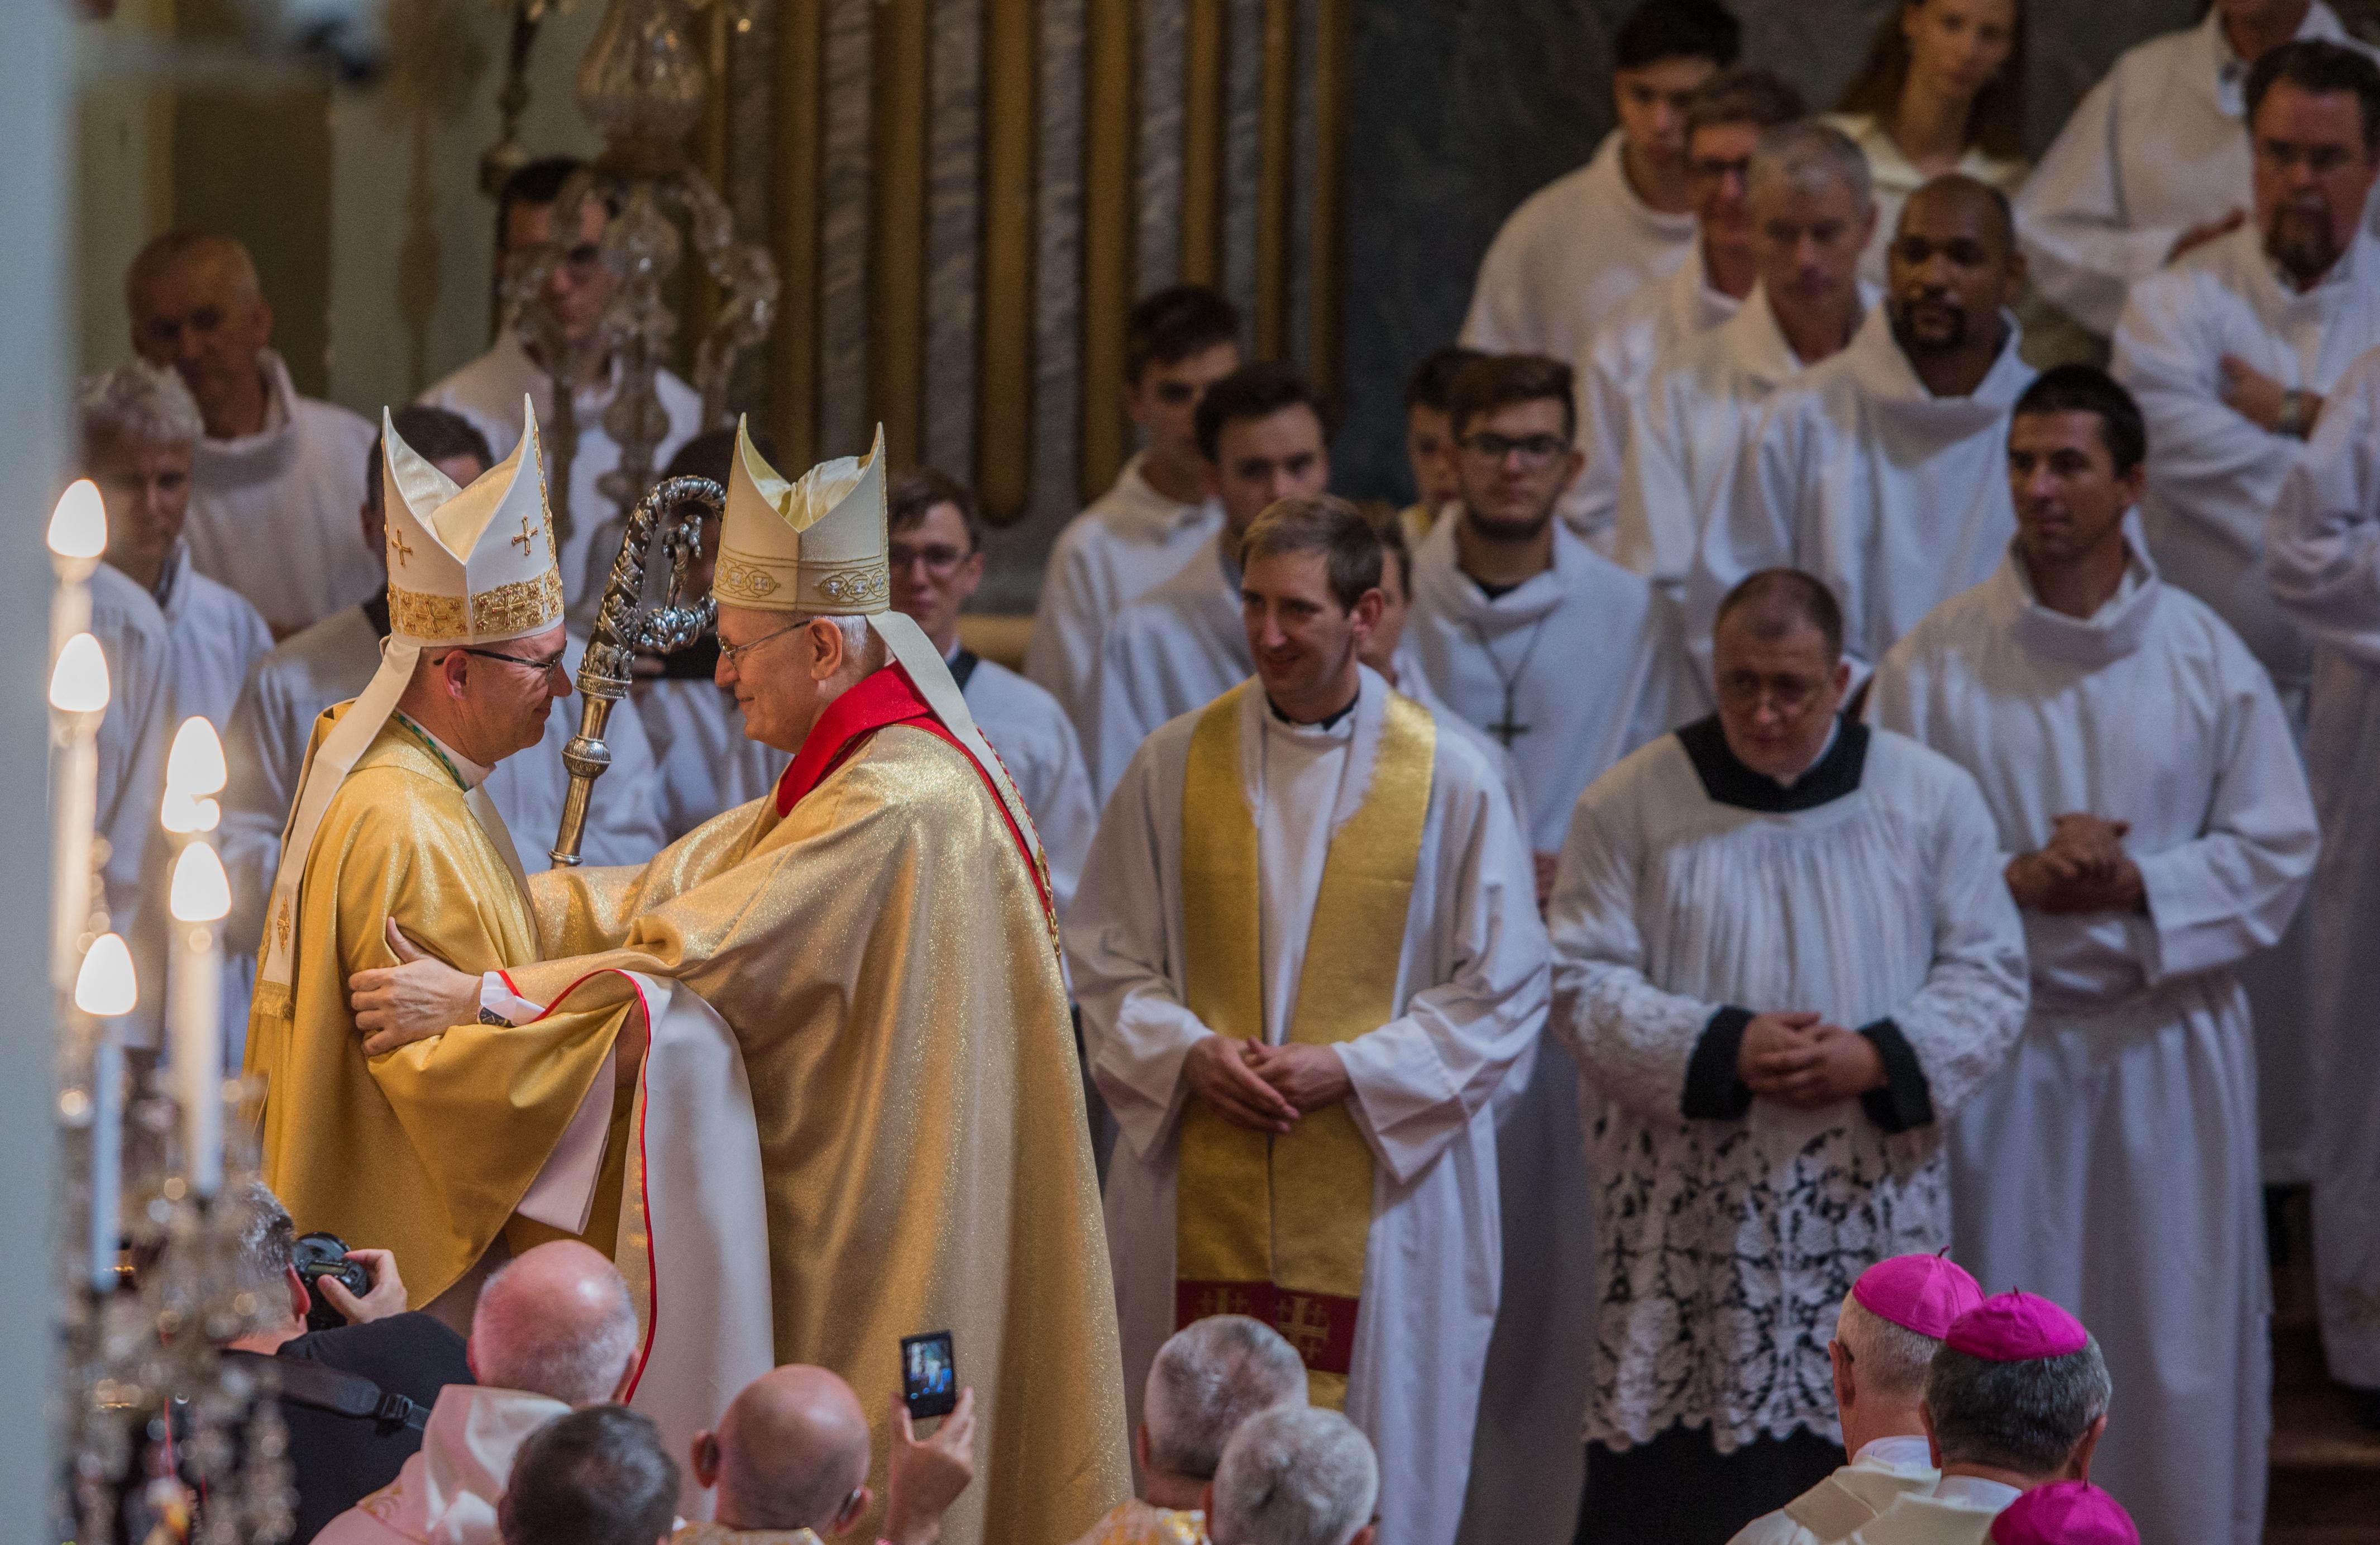 Lassan, nagyon lassan közelítünk ahhoz, hogy a magyar püspökök beszéljenek a hibákról